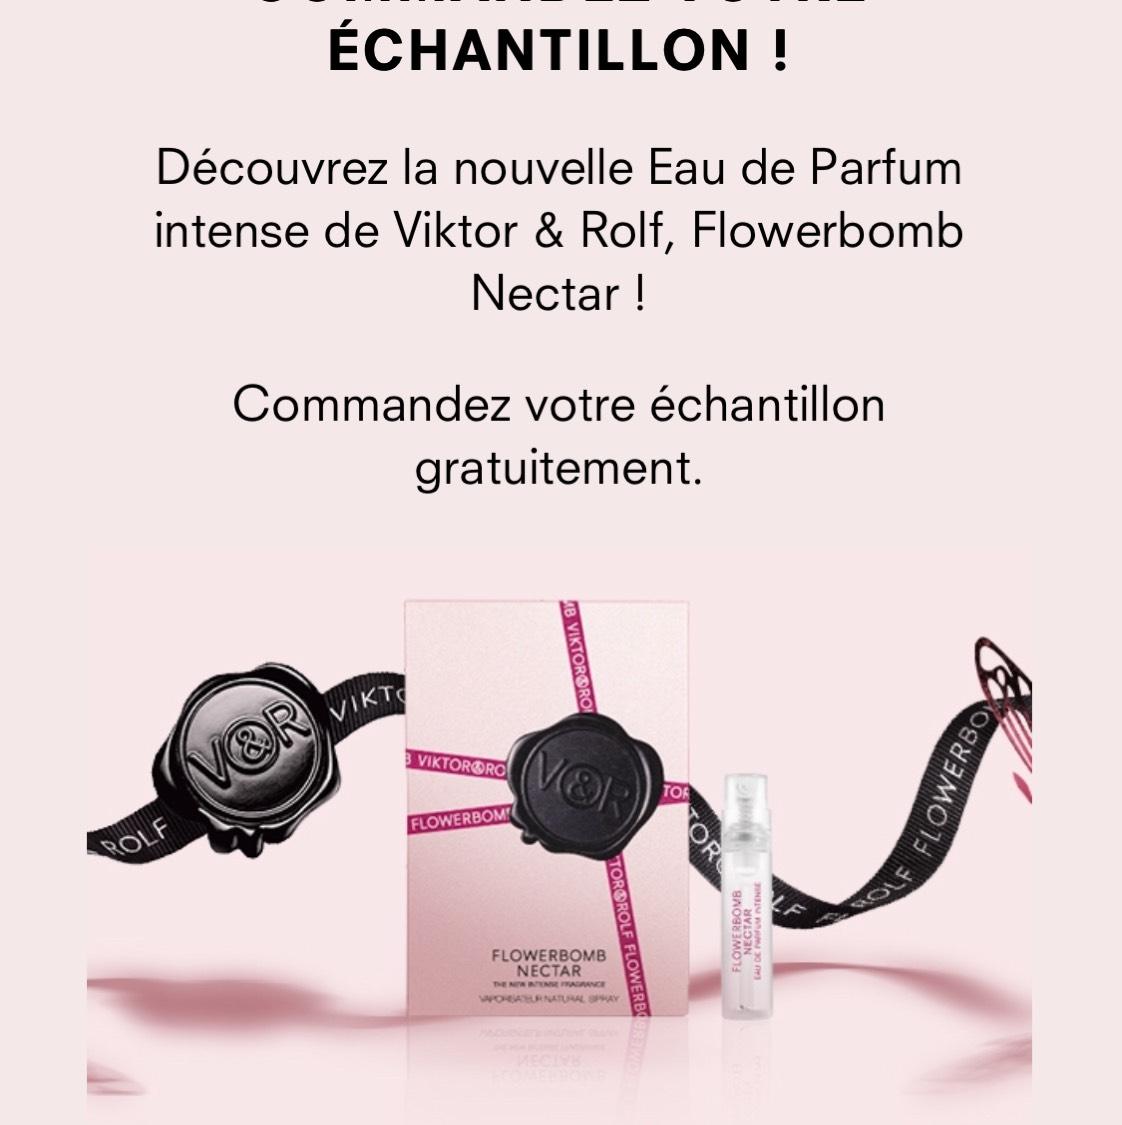 Échantillon Gratuit d'Eau de Parfum Viktor & Rolf - Flowerbomb